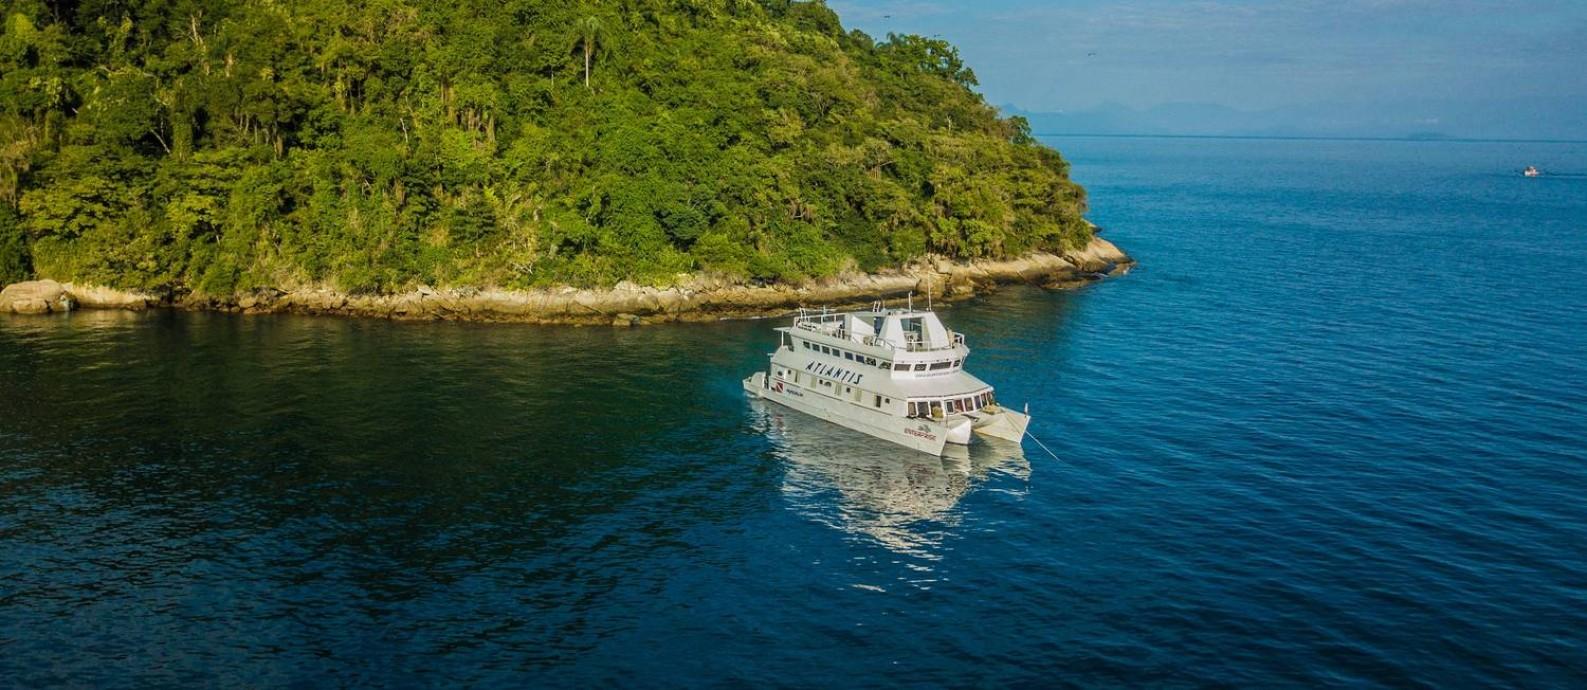 Barco usado para liveaboard da Atlantis Divers atracado em algum recanto da Ilha Grande Foto: Clecio Mayrink / Atlantis Divers / Divulgação